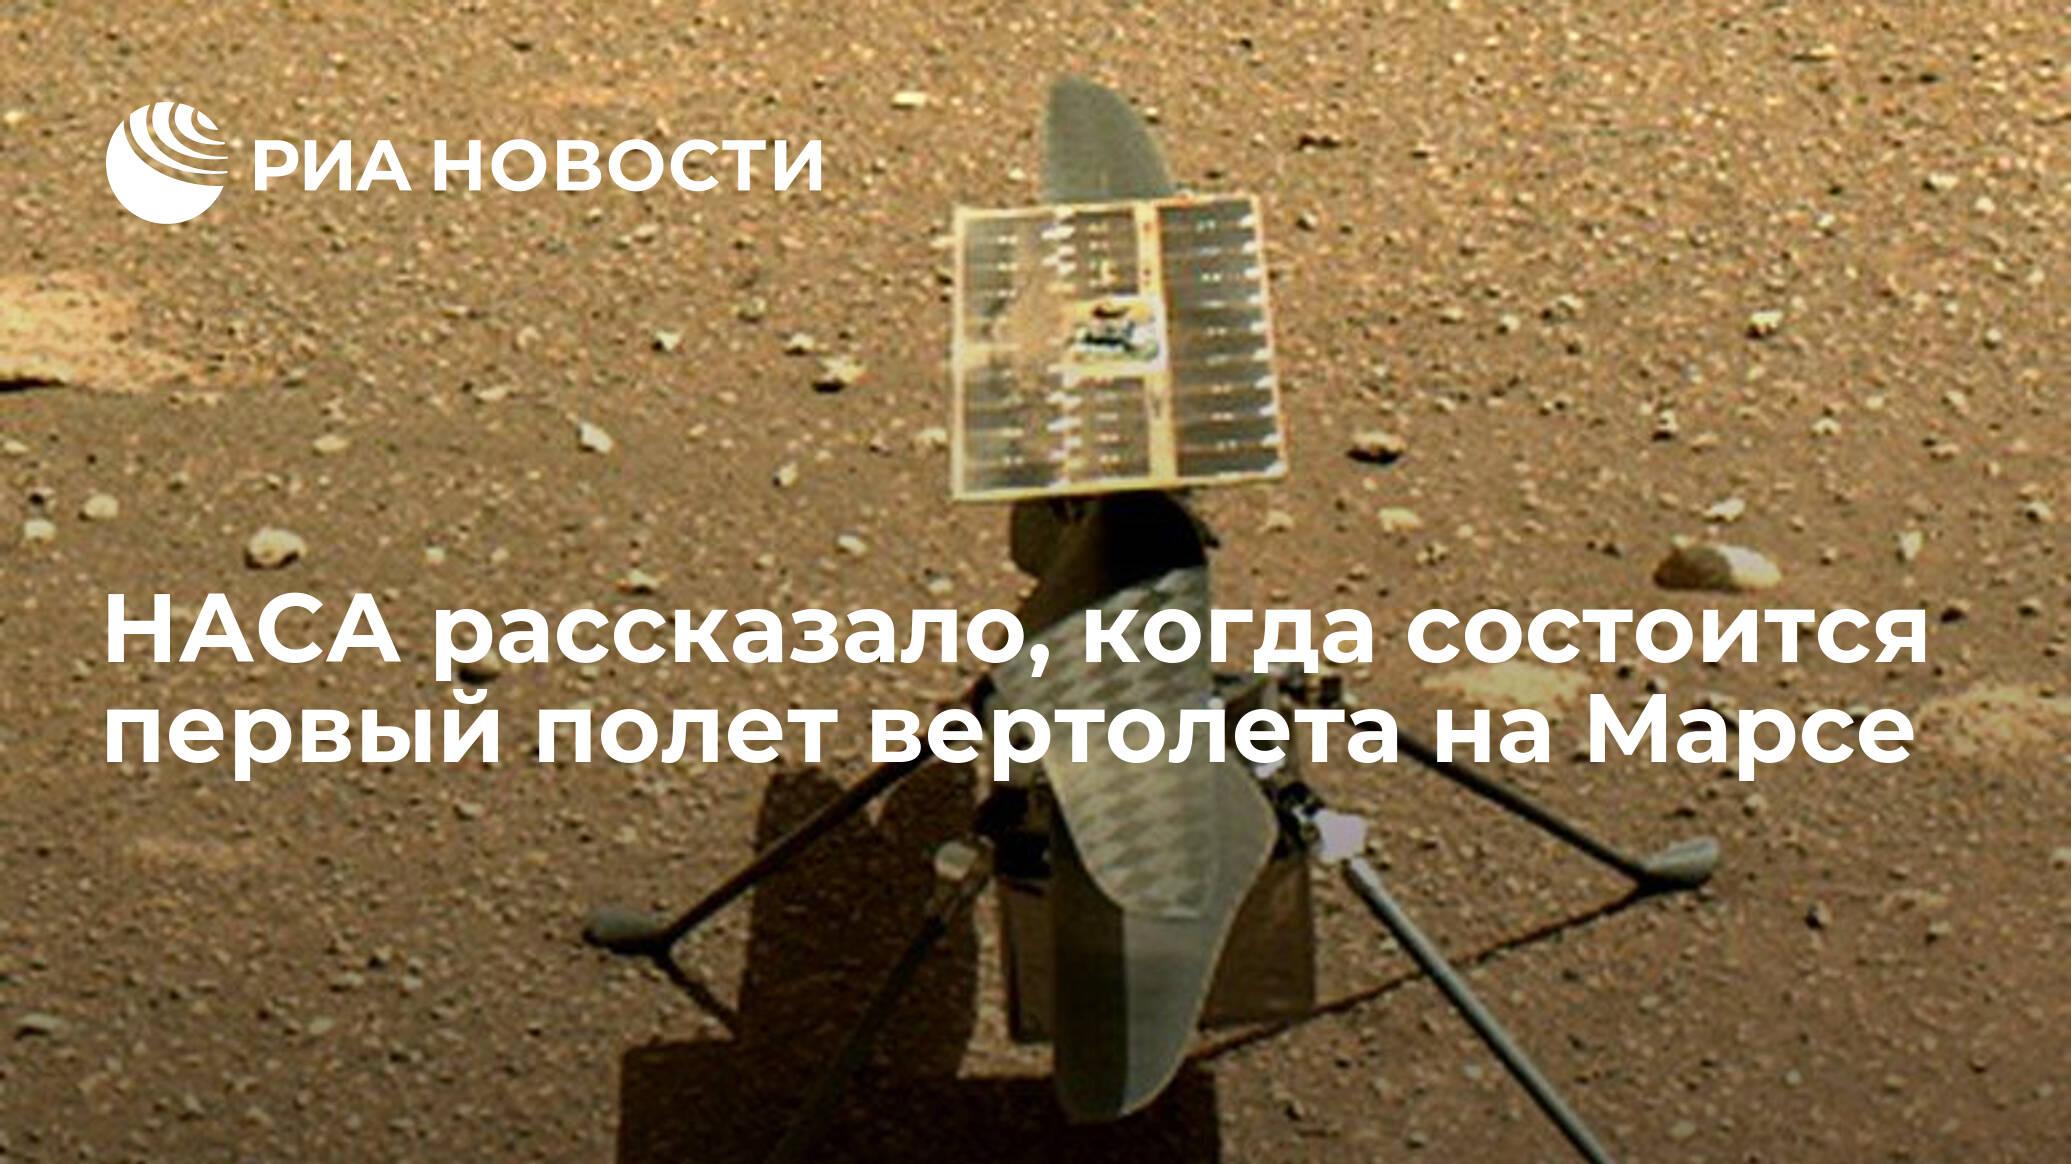 НАСА рассказало, когда состоится первый полет вертолета на Марсе